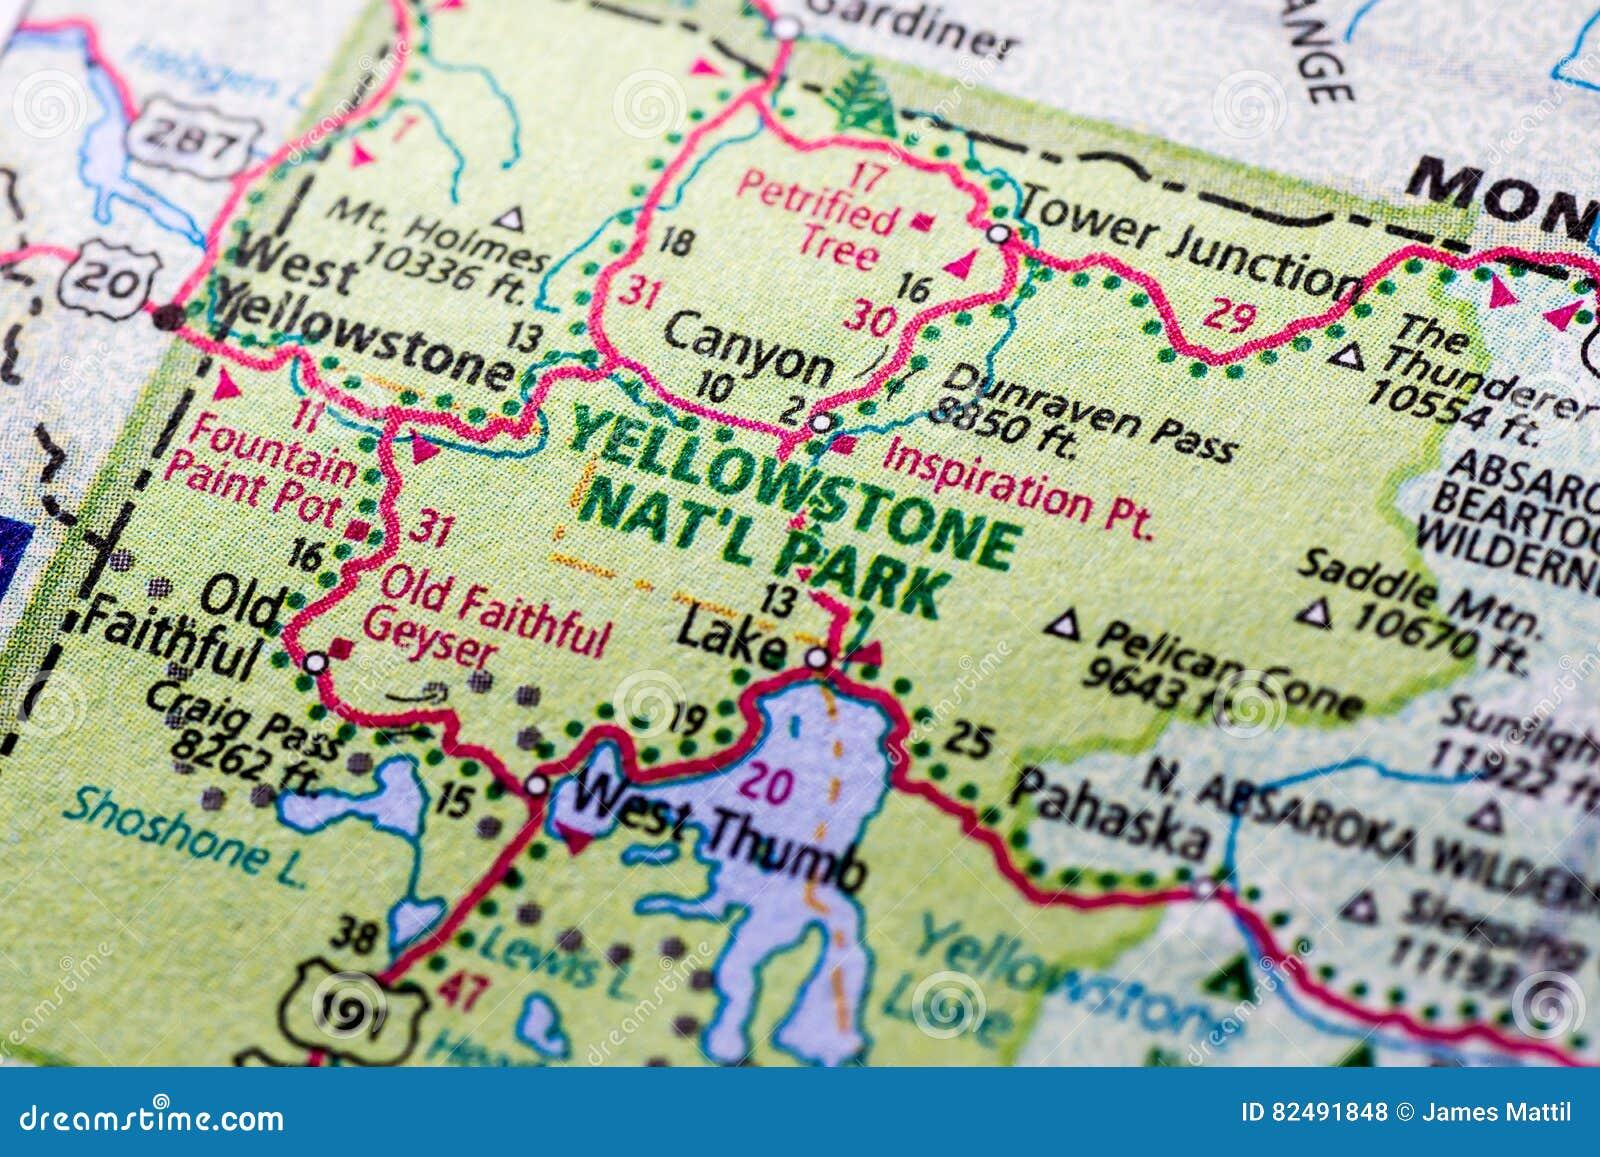 Yellowstone Karte.Yellowstone Park Auf Einer Karte Stockfoto Bild Von Abstand